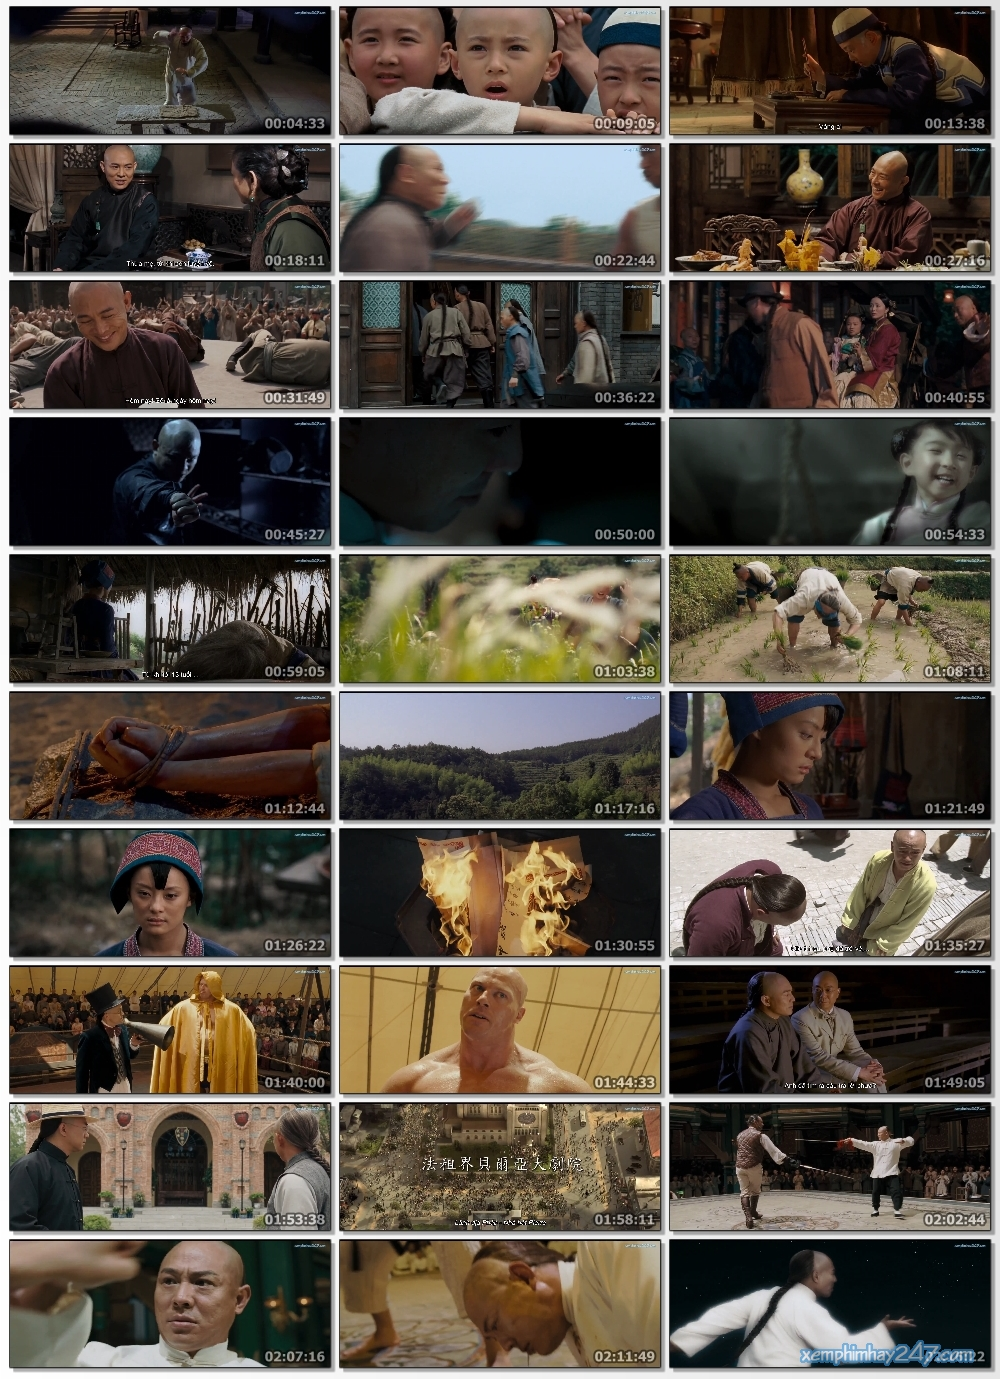 http://xemphimhay247.com - Xem phim hay 247 - Hoắc Nguyên Giáp (2006) - Fearless (2006)